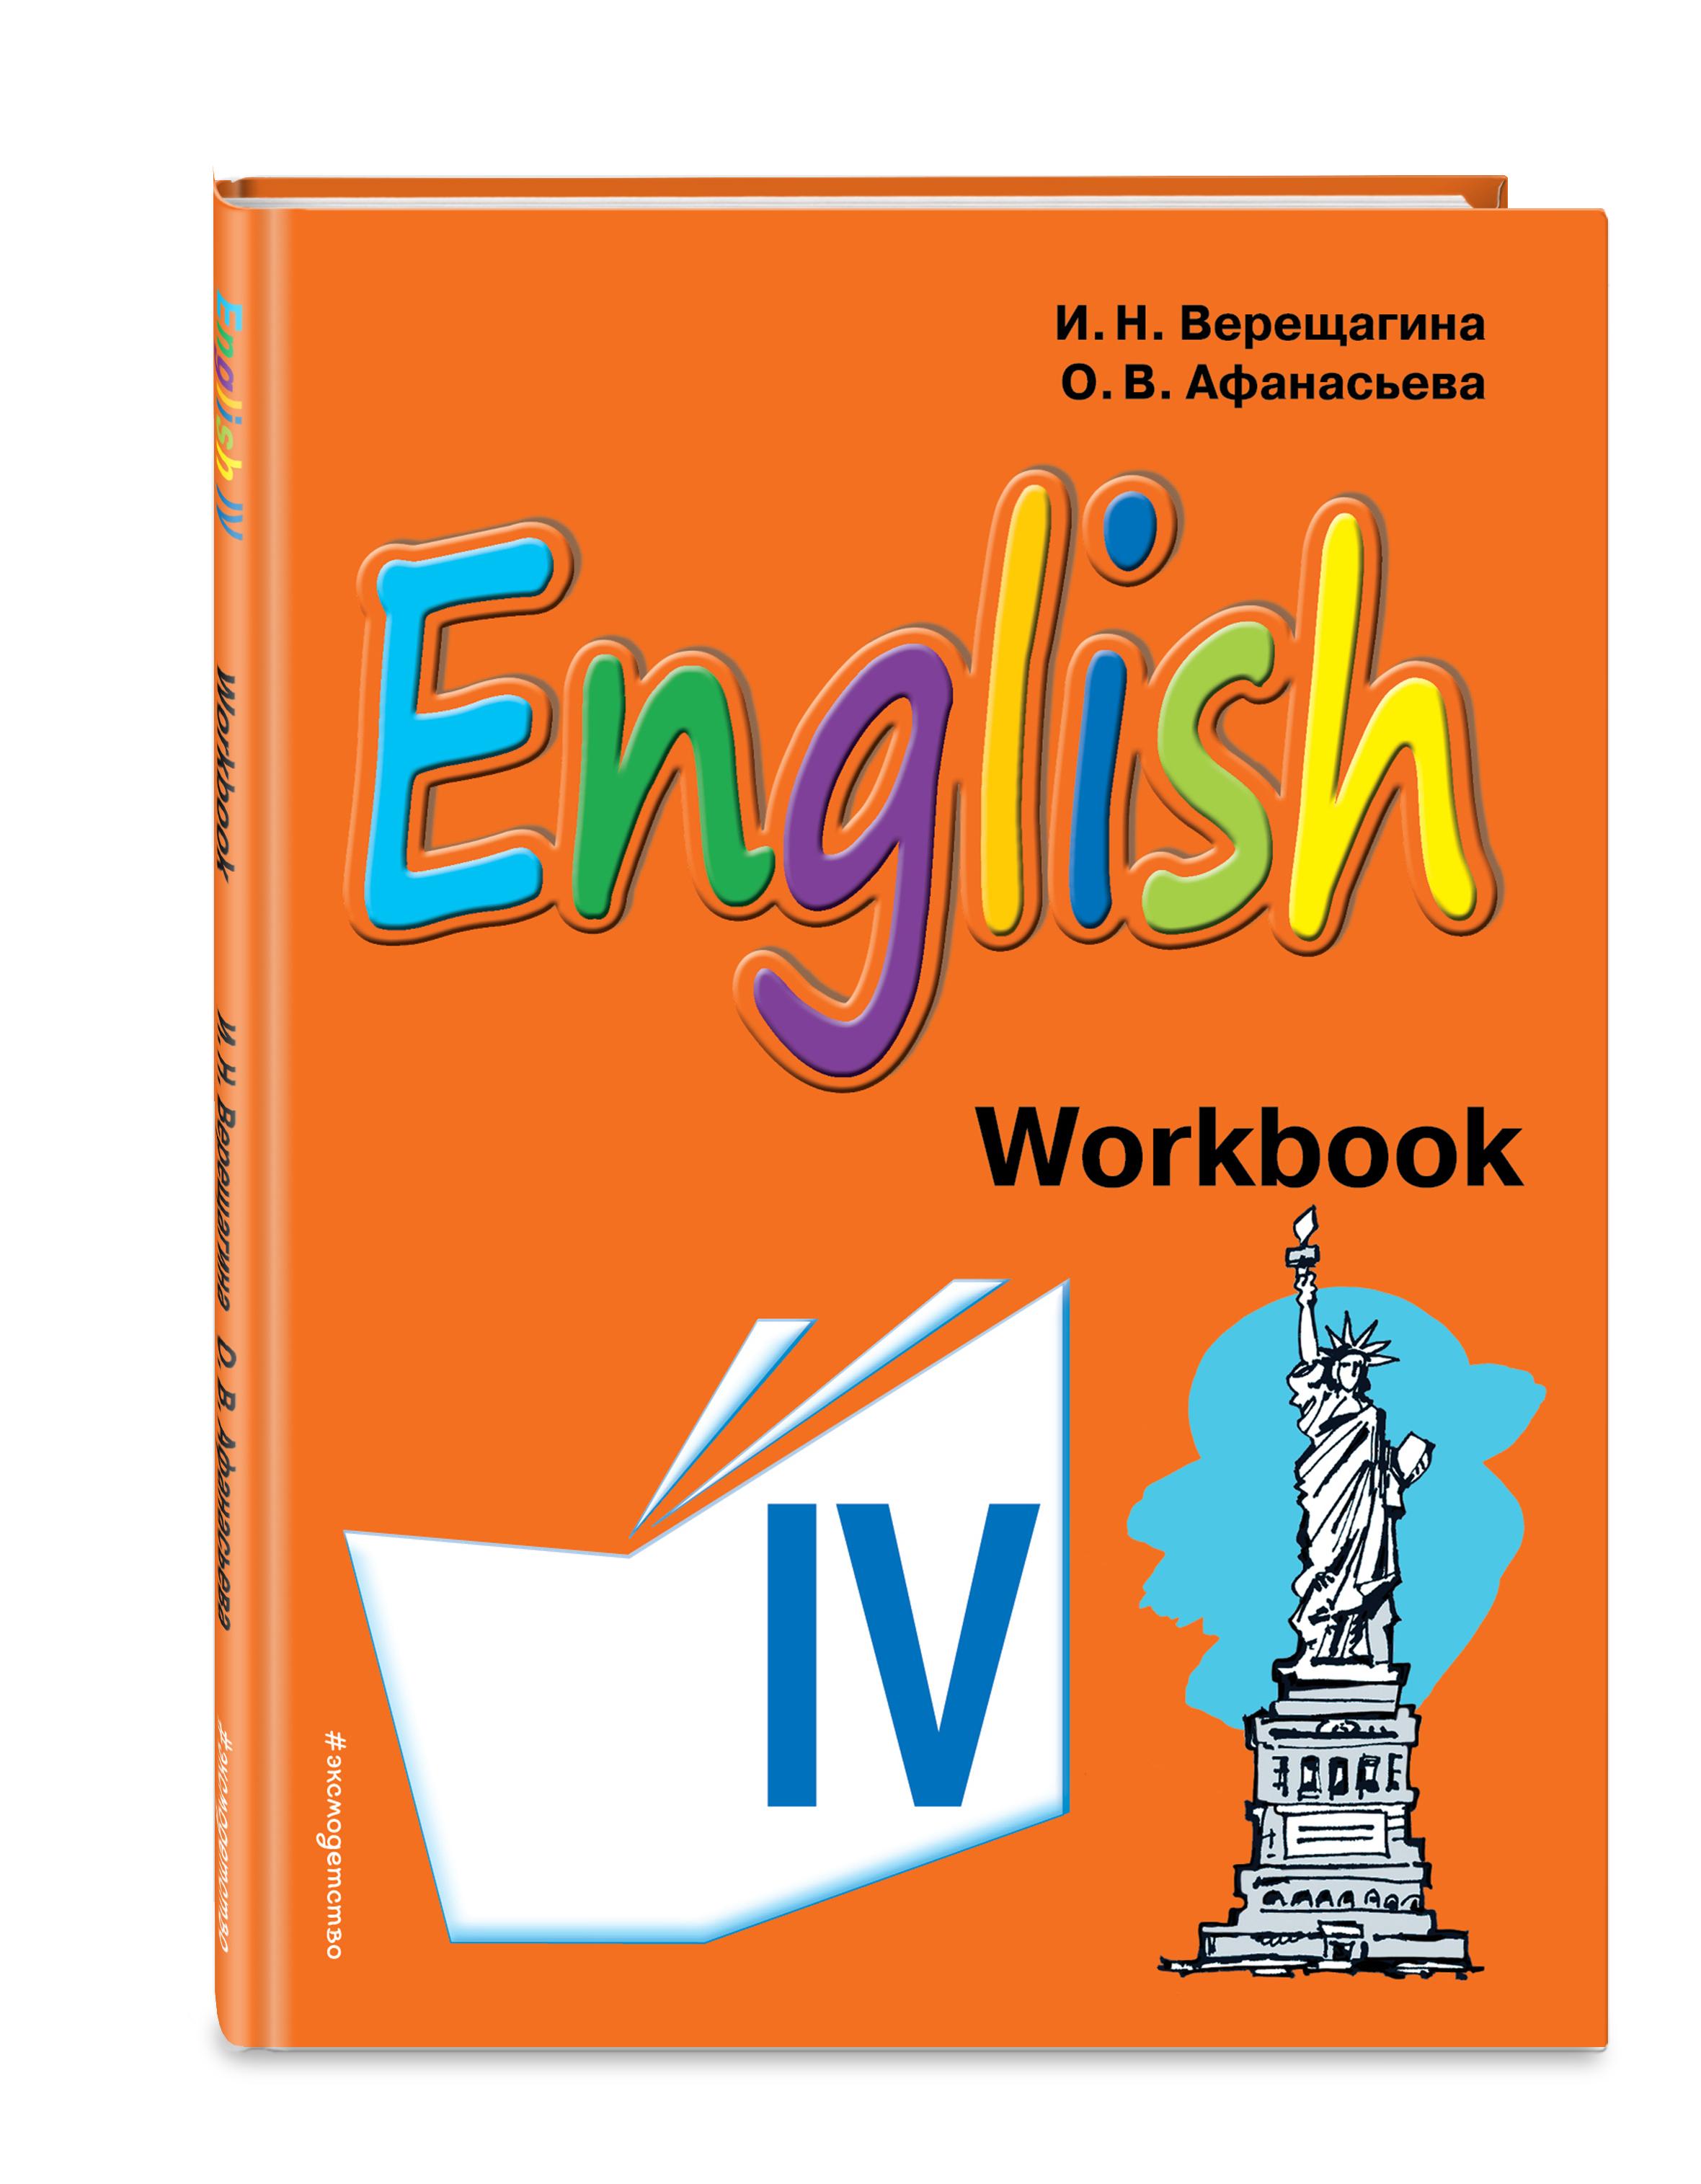 Английский язык. IV класс. Рабочая тетрадь ( И.Н. Верещагина, О.В. Афанасьева  )